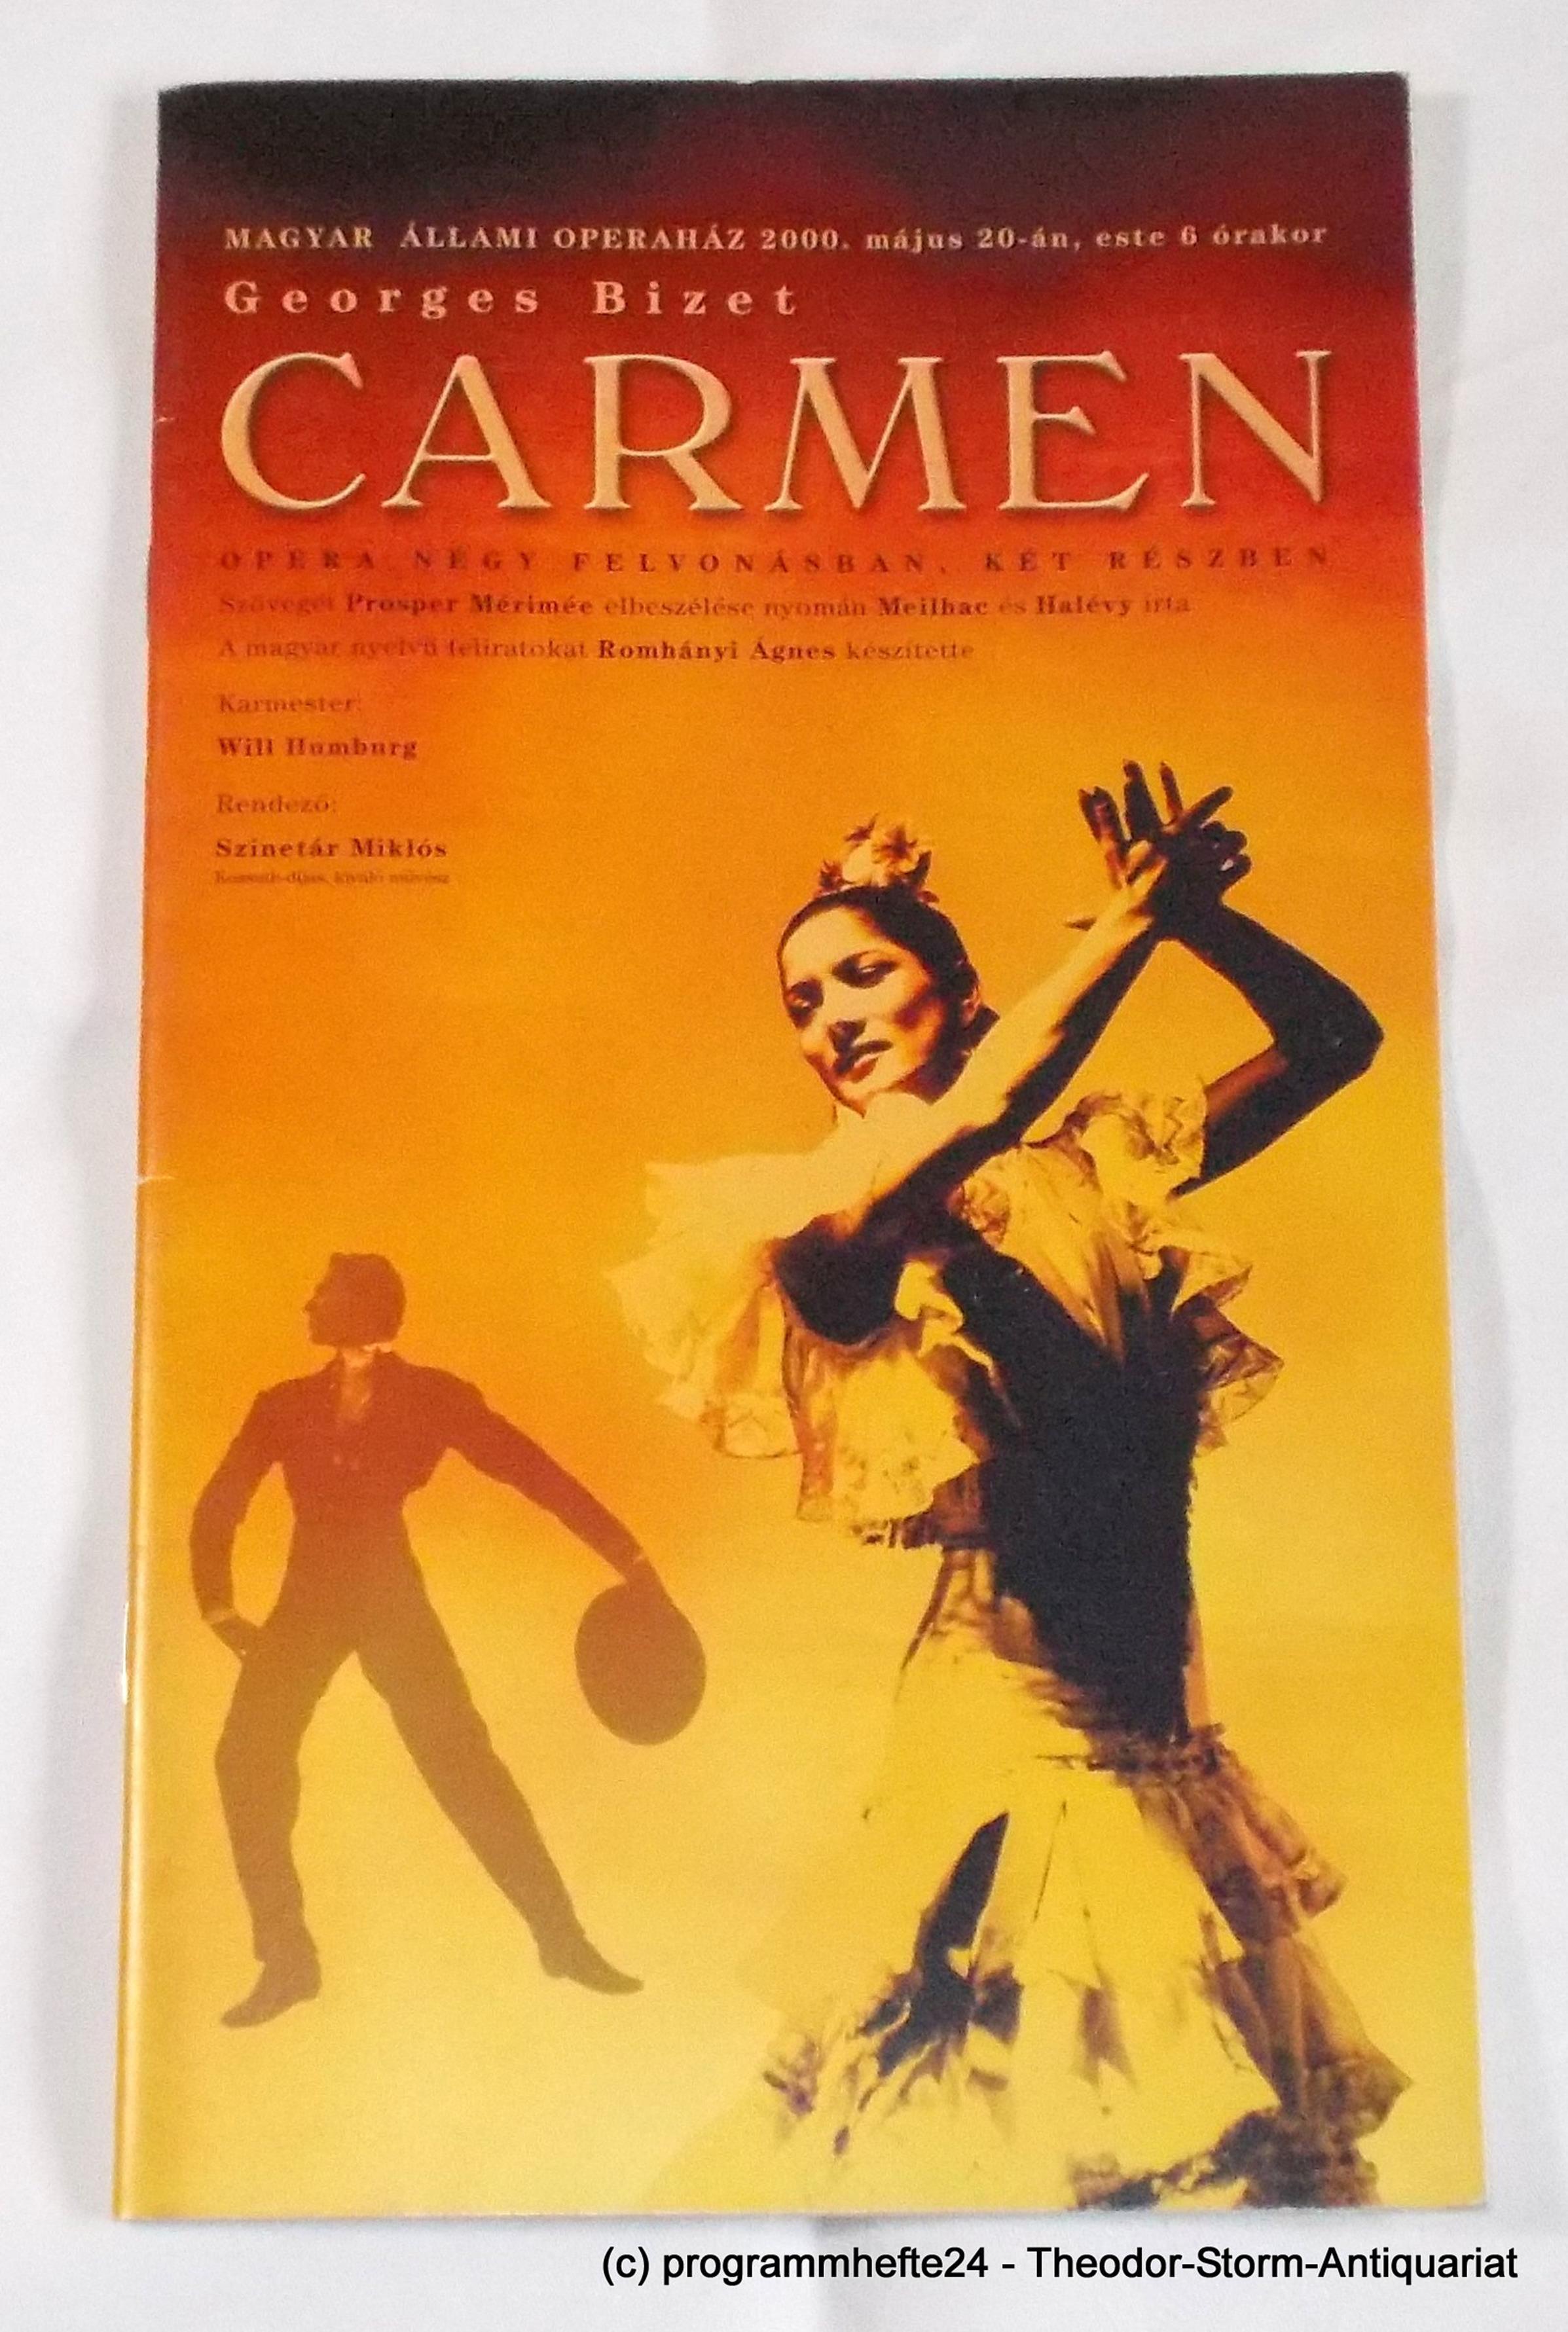 Programmheft CARMEN von Georges Bizet. Ungarische Staatsoper Budapest 2000